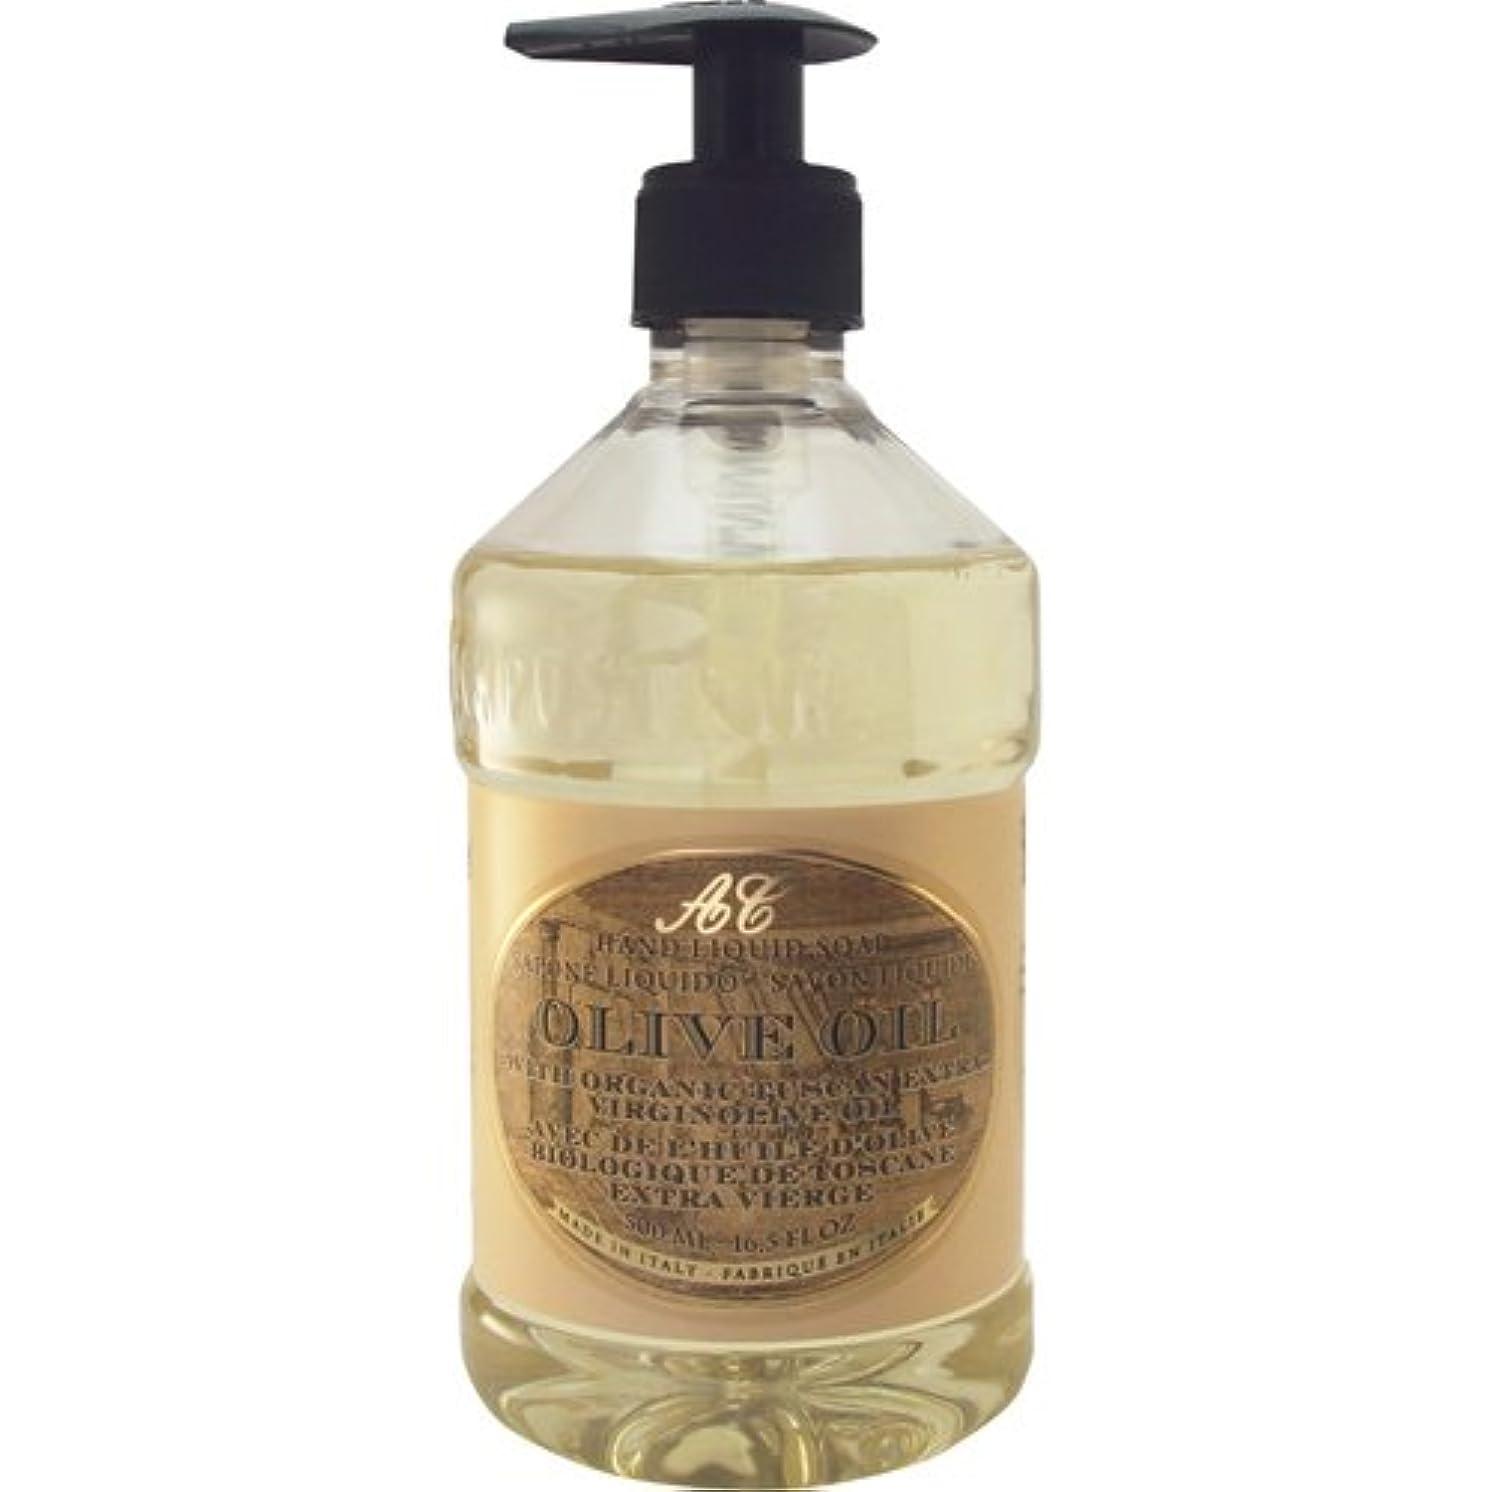 凍結所得キャンセルSaponerire Fissi レトロシリーズ Liquid Soap リキッドソープ 500ml Olive Oil オリーブオイル